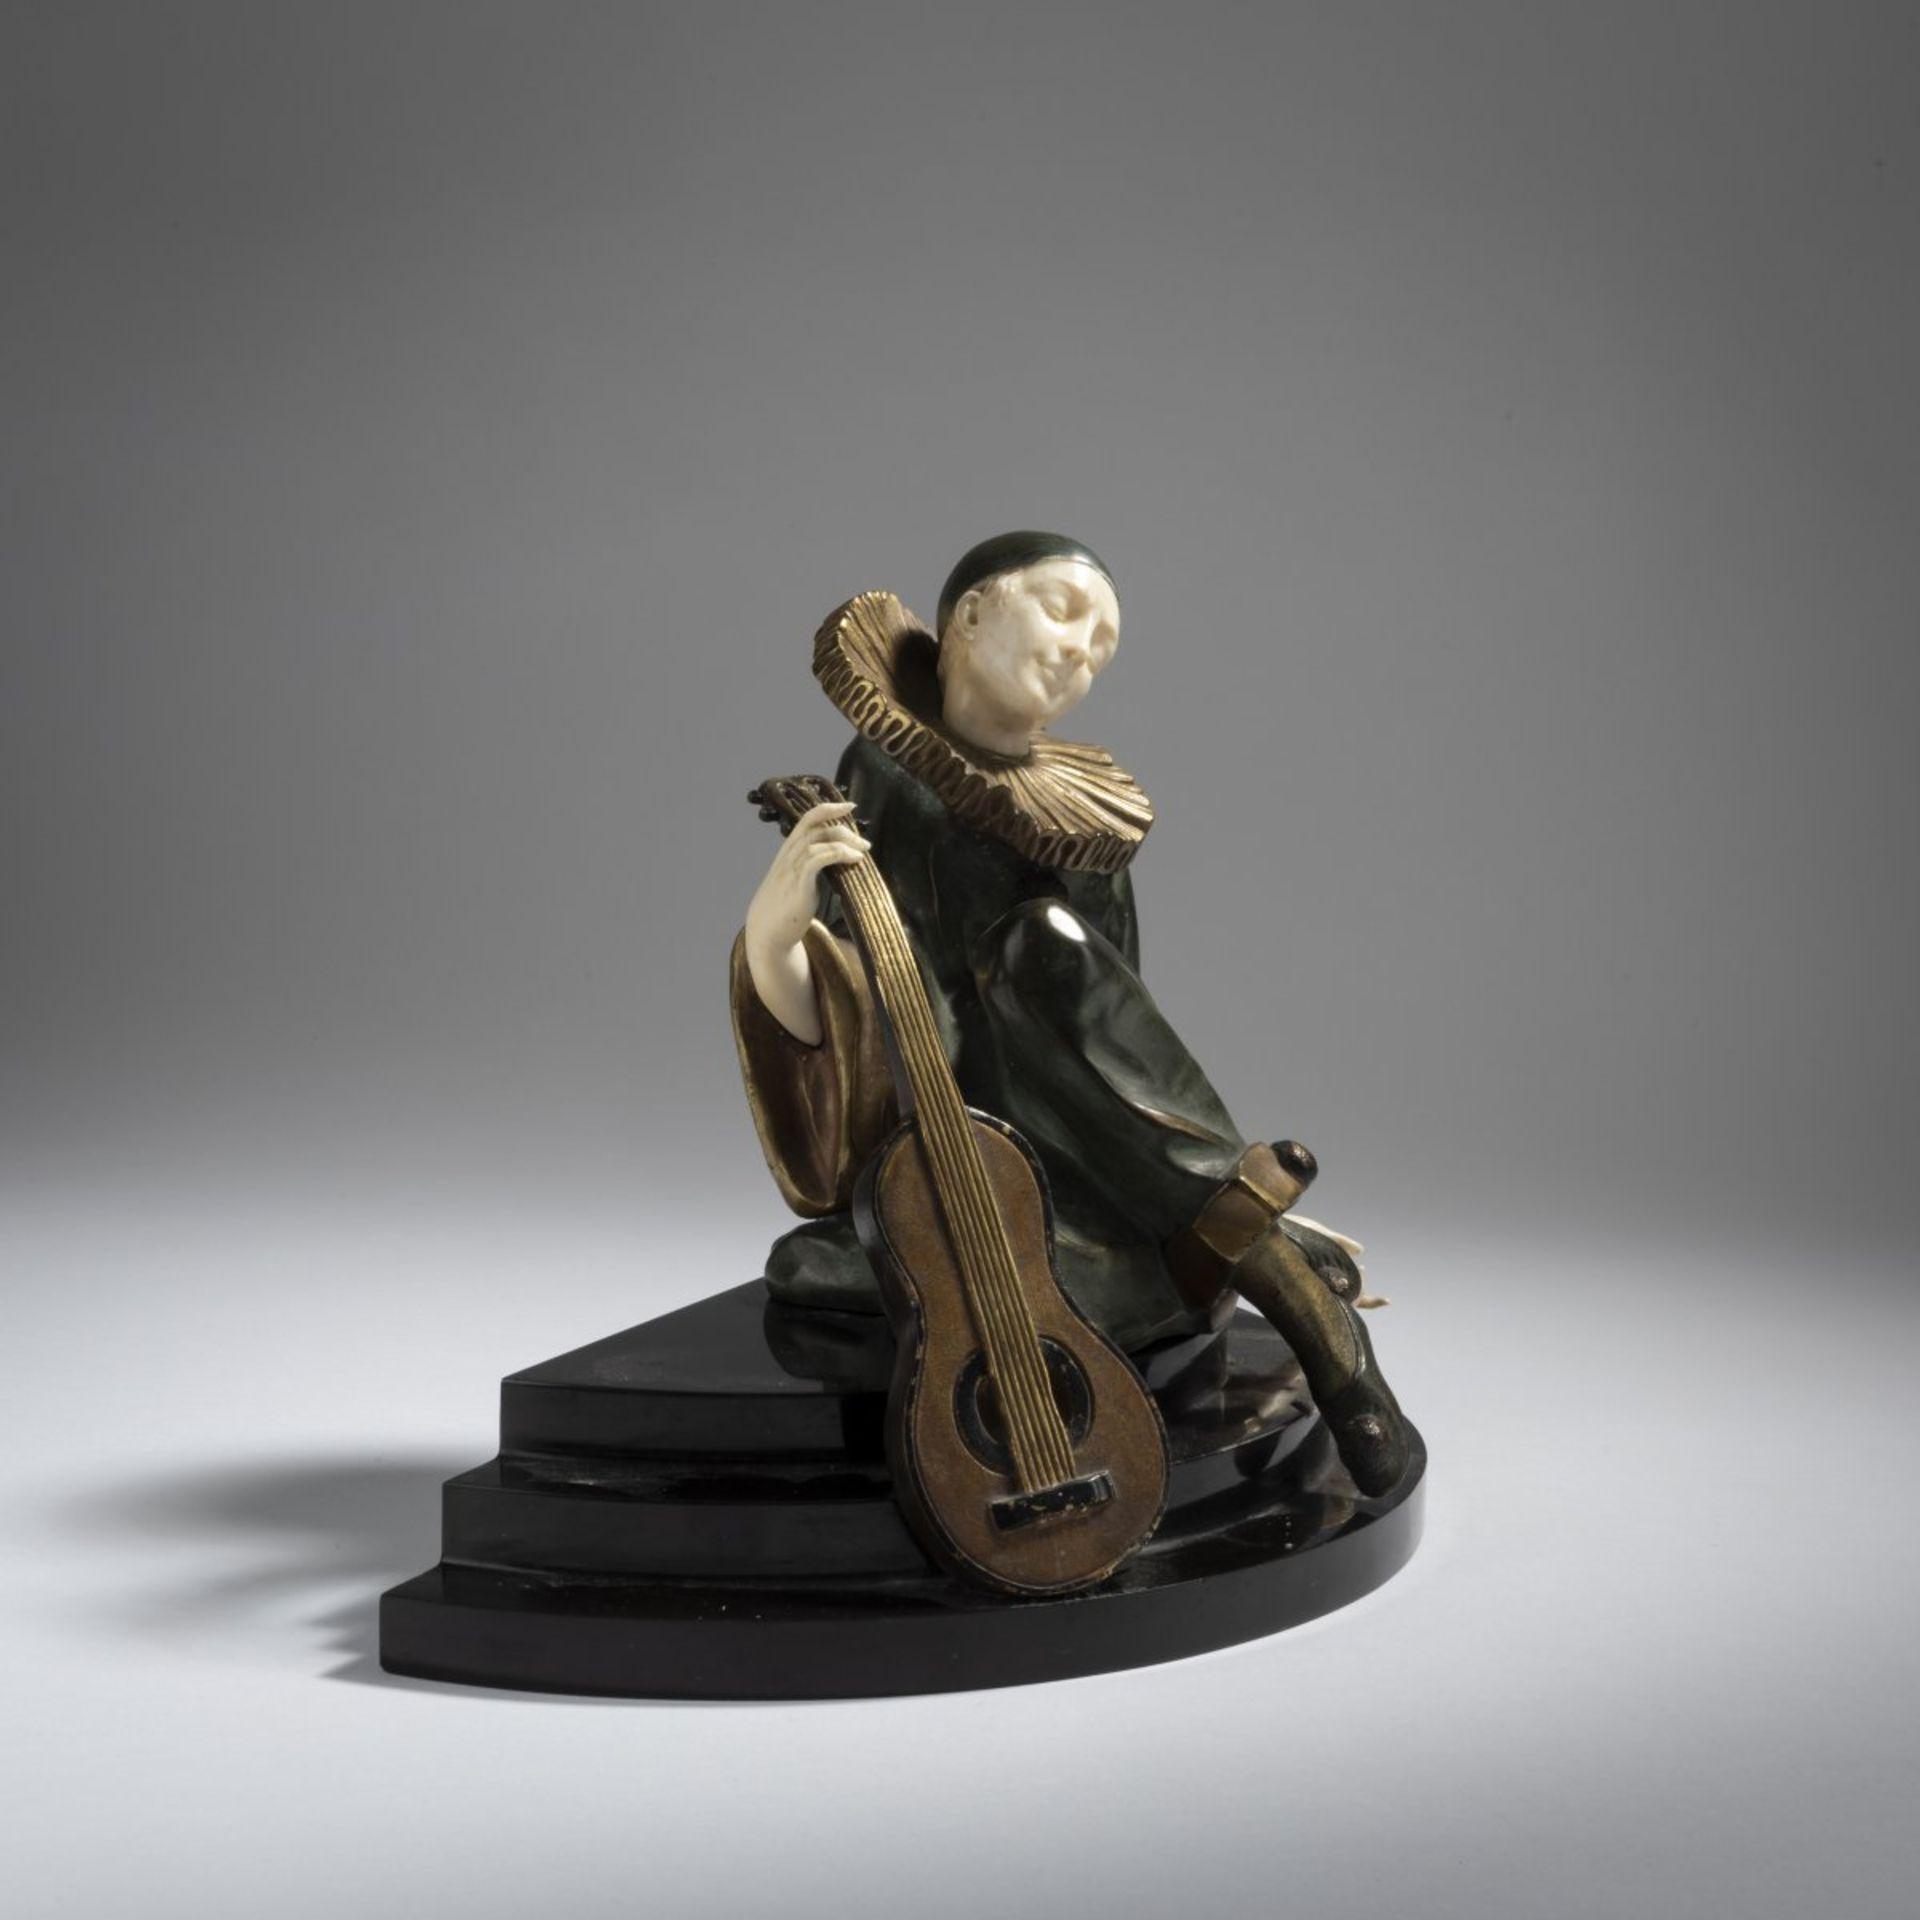 Alfred Gilbert, Pierrot mit Gitarre, 1925 - Bild 2 aus 3